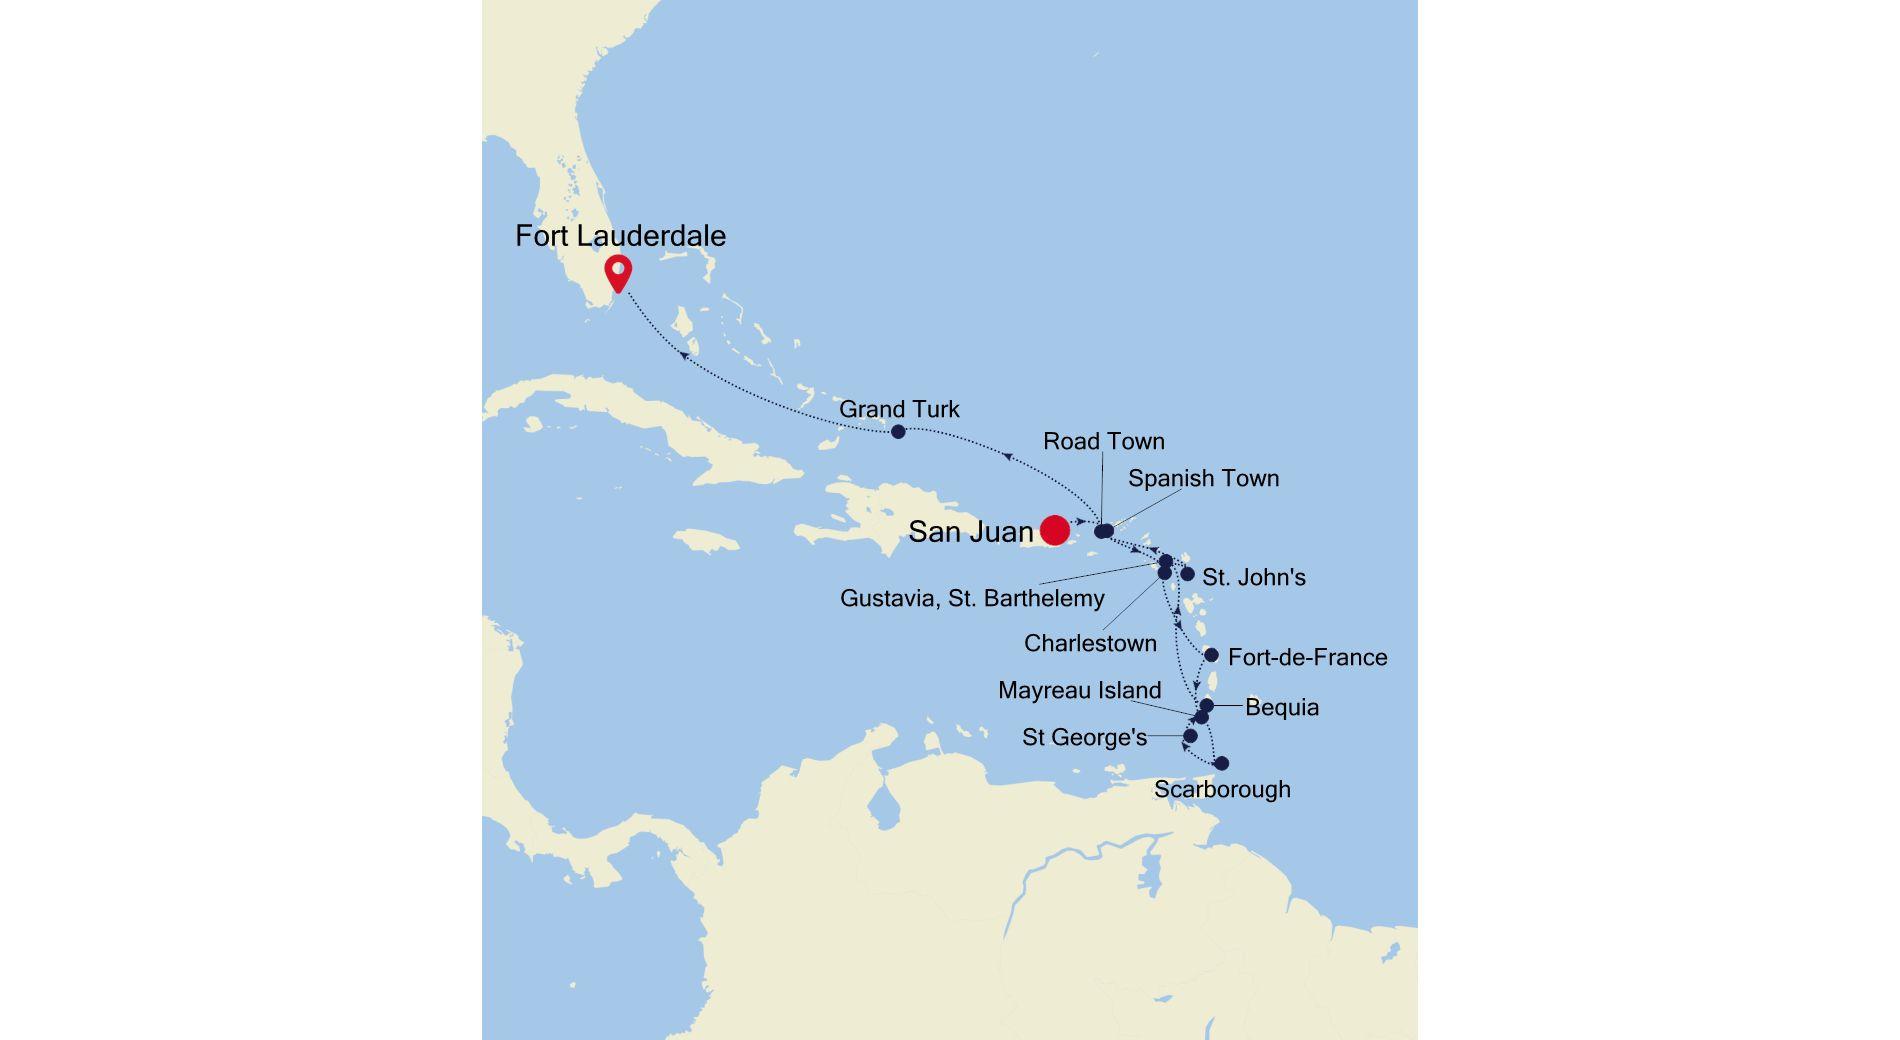 SS201204014 - San Juan nach Fort Lauderdale